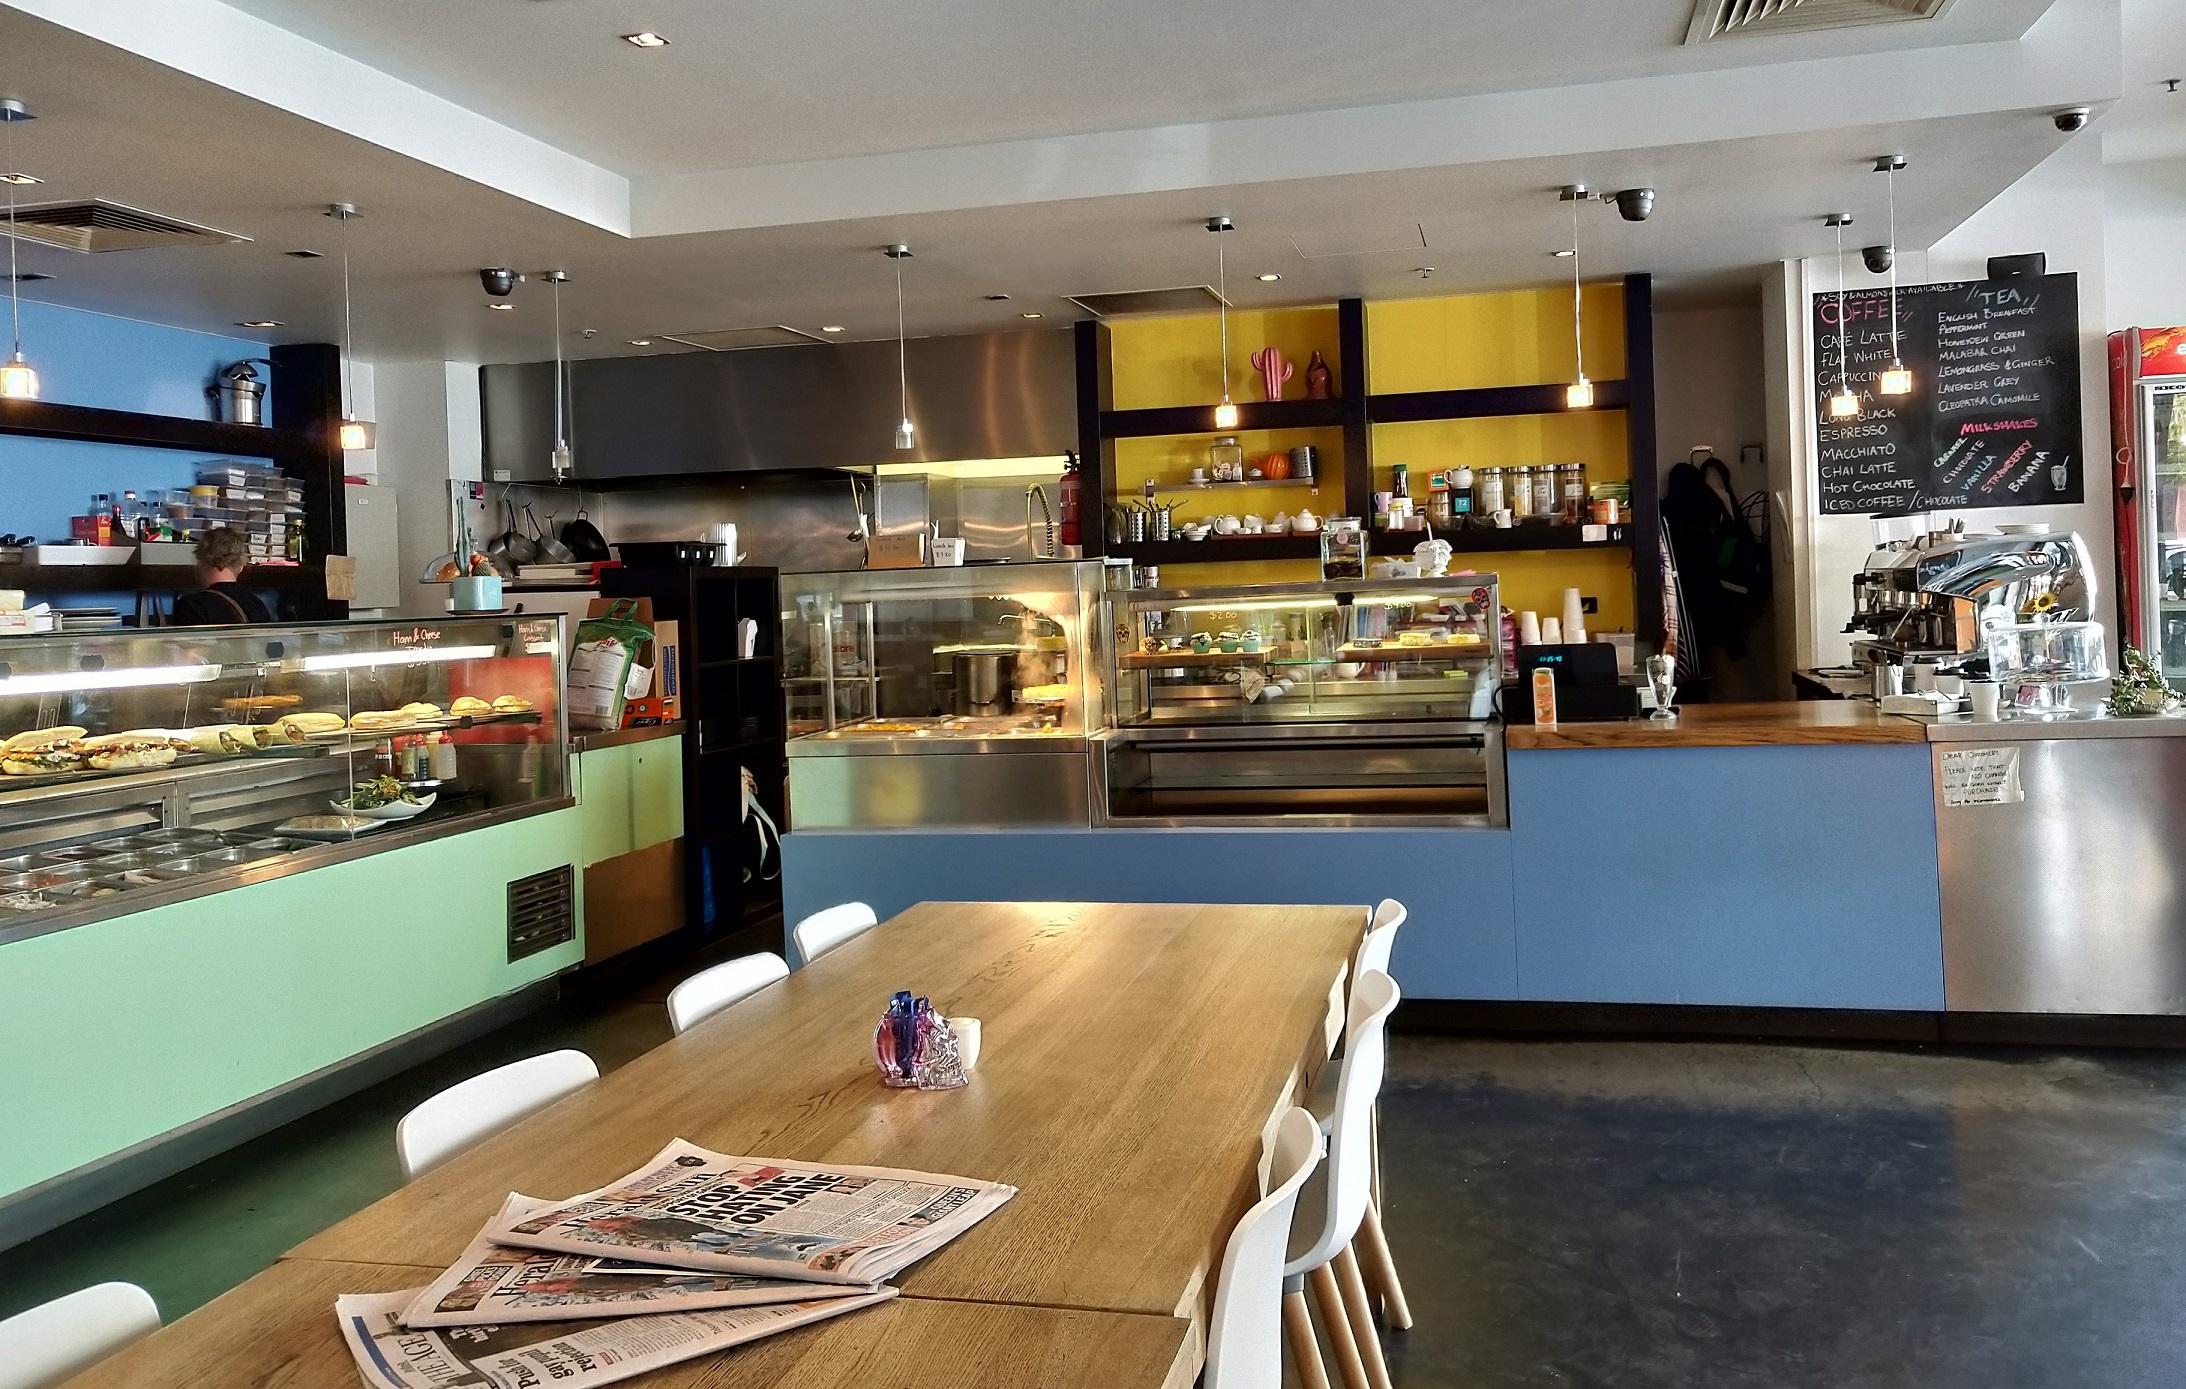 CAFE - COLLINGWOOD